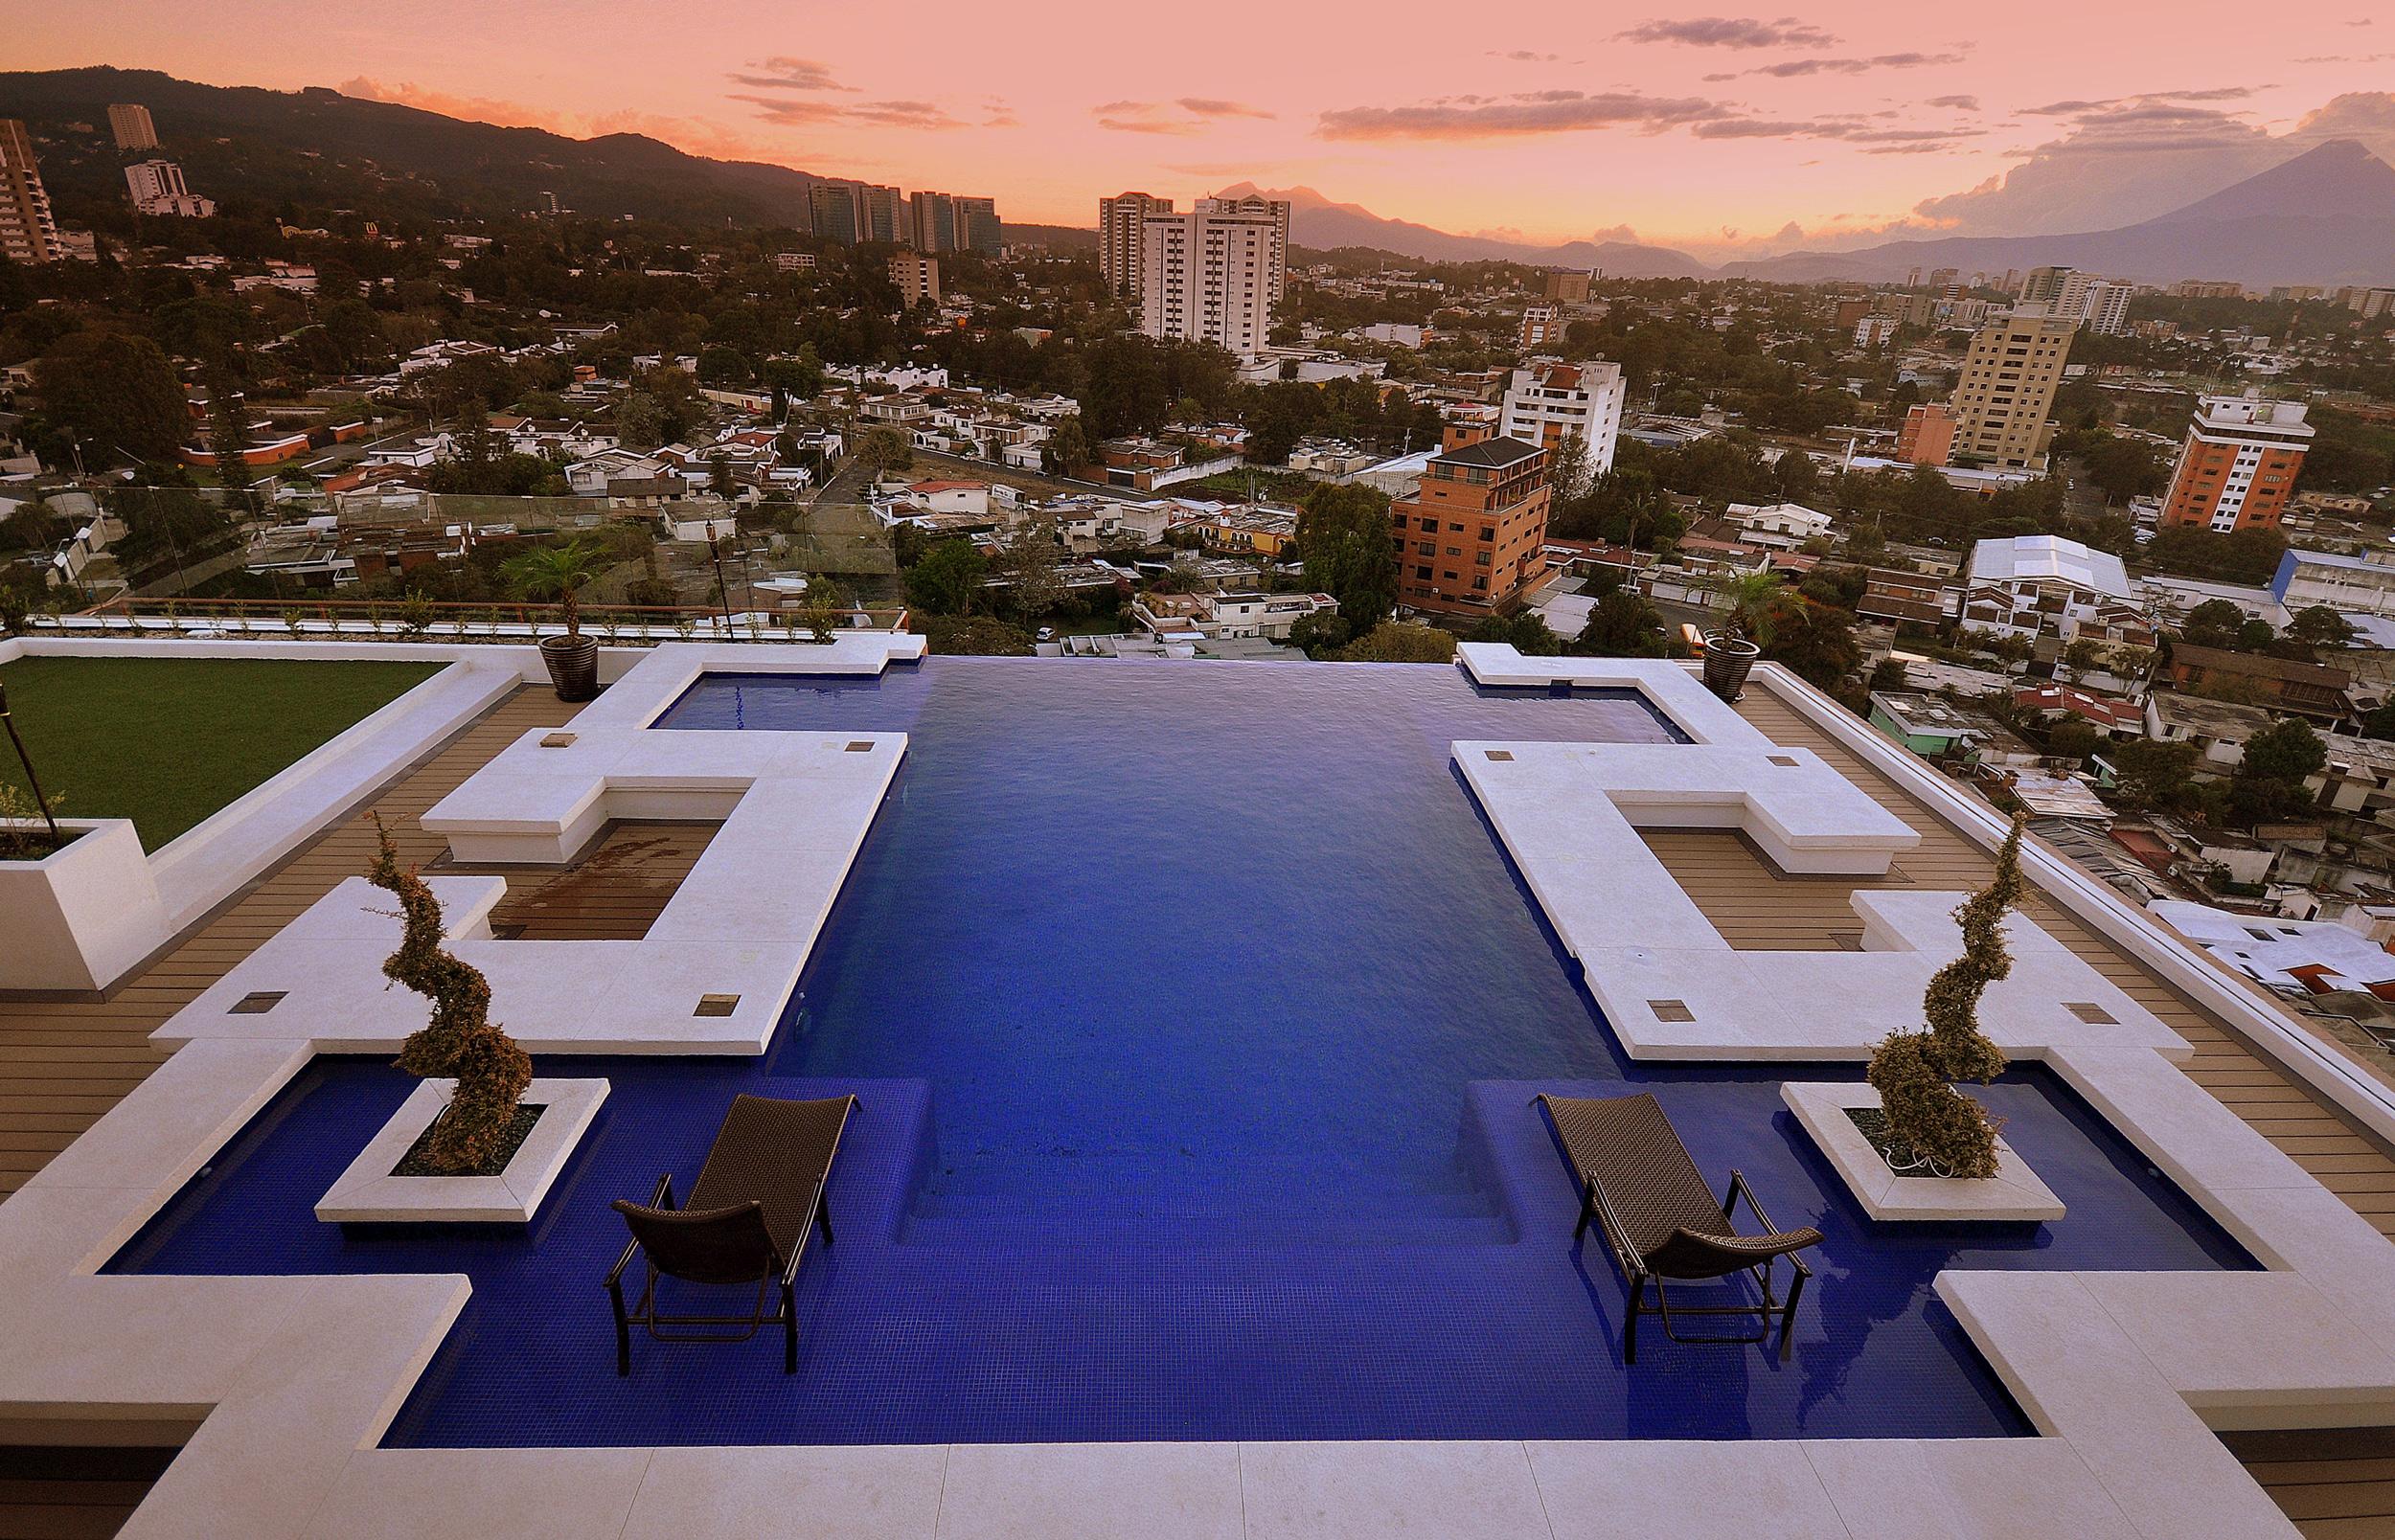 Vista desde las alturas de una zona desarrollada por inversiones inmobiliarias